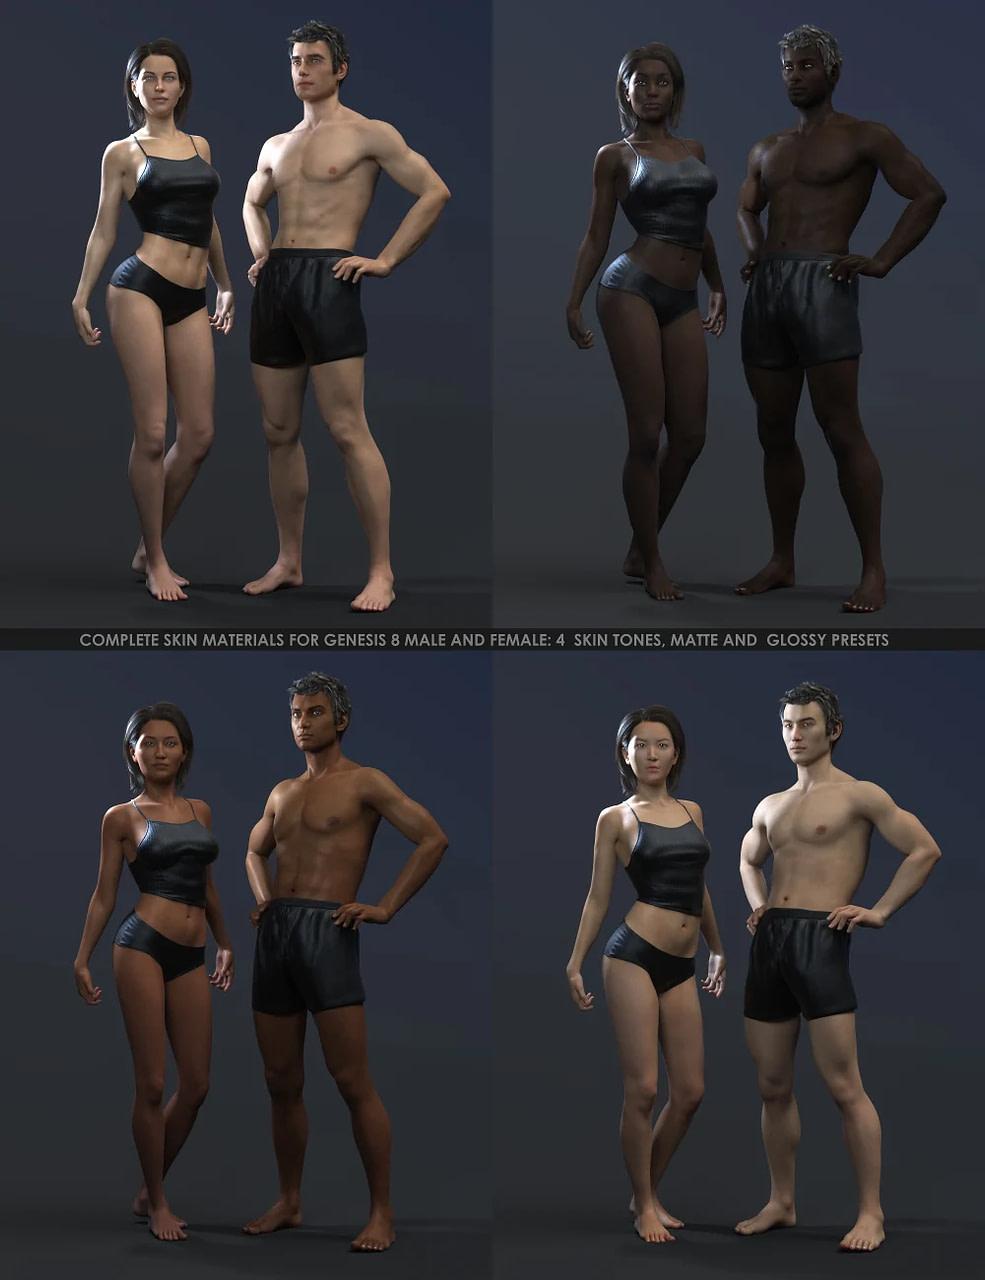 daz3d octane render kit skin